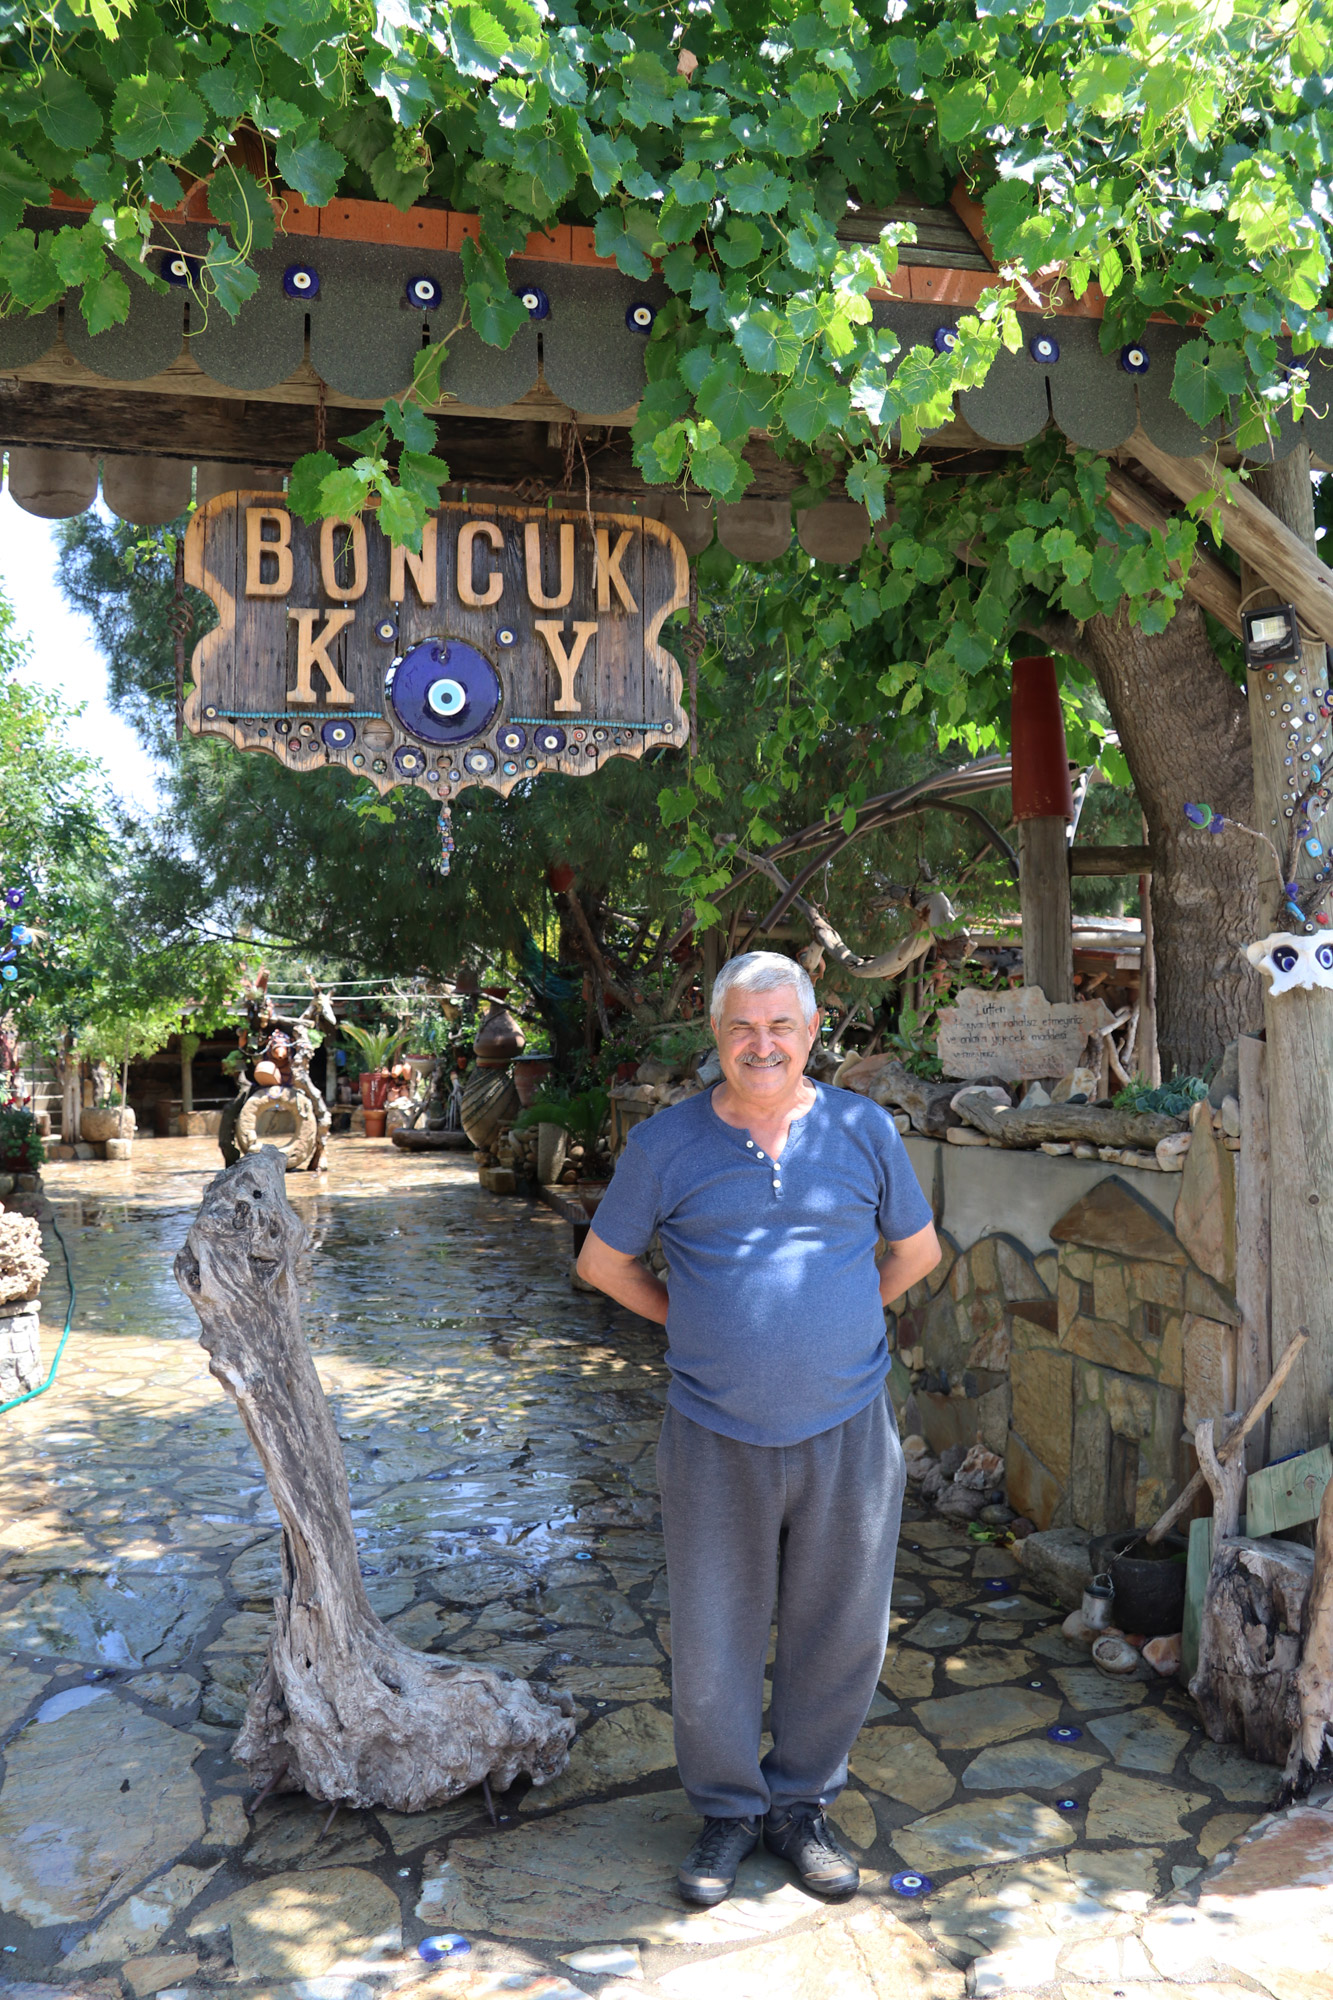 Turkije reisverslag: Laatste dag in Cappadocië - Boncuk Köy